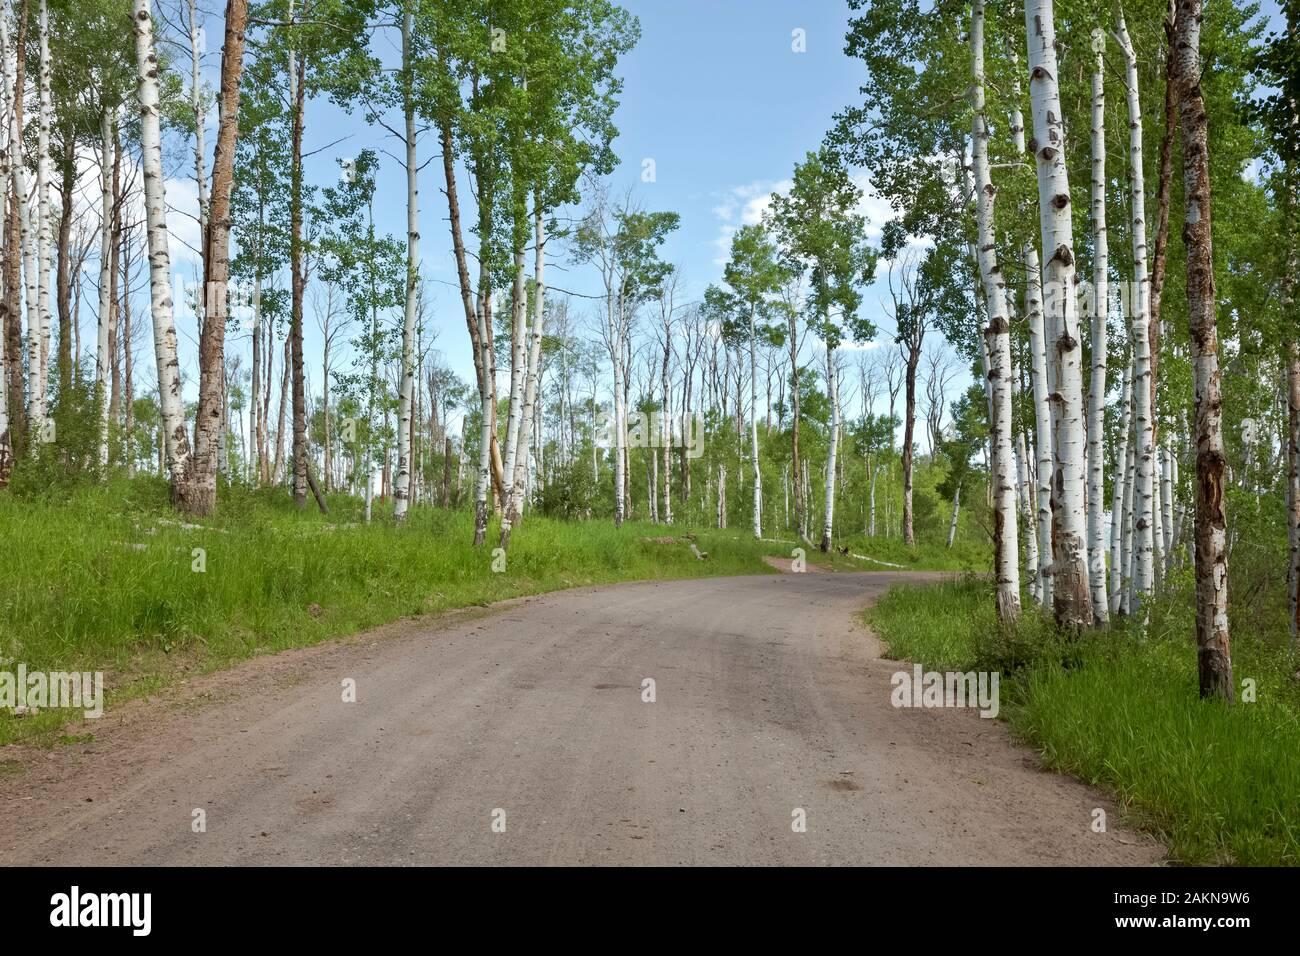 CO00205-00...Colorado - Aspen árboles que bordean por la carretera 129 en la sección alternativa Columbine de la gran brecha de ruta en bicicleta de montaña. Foto de stock